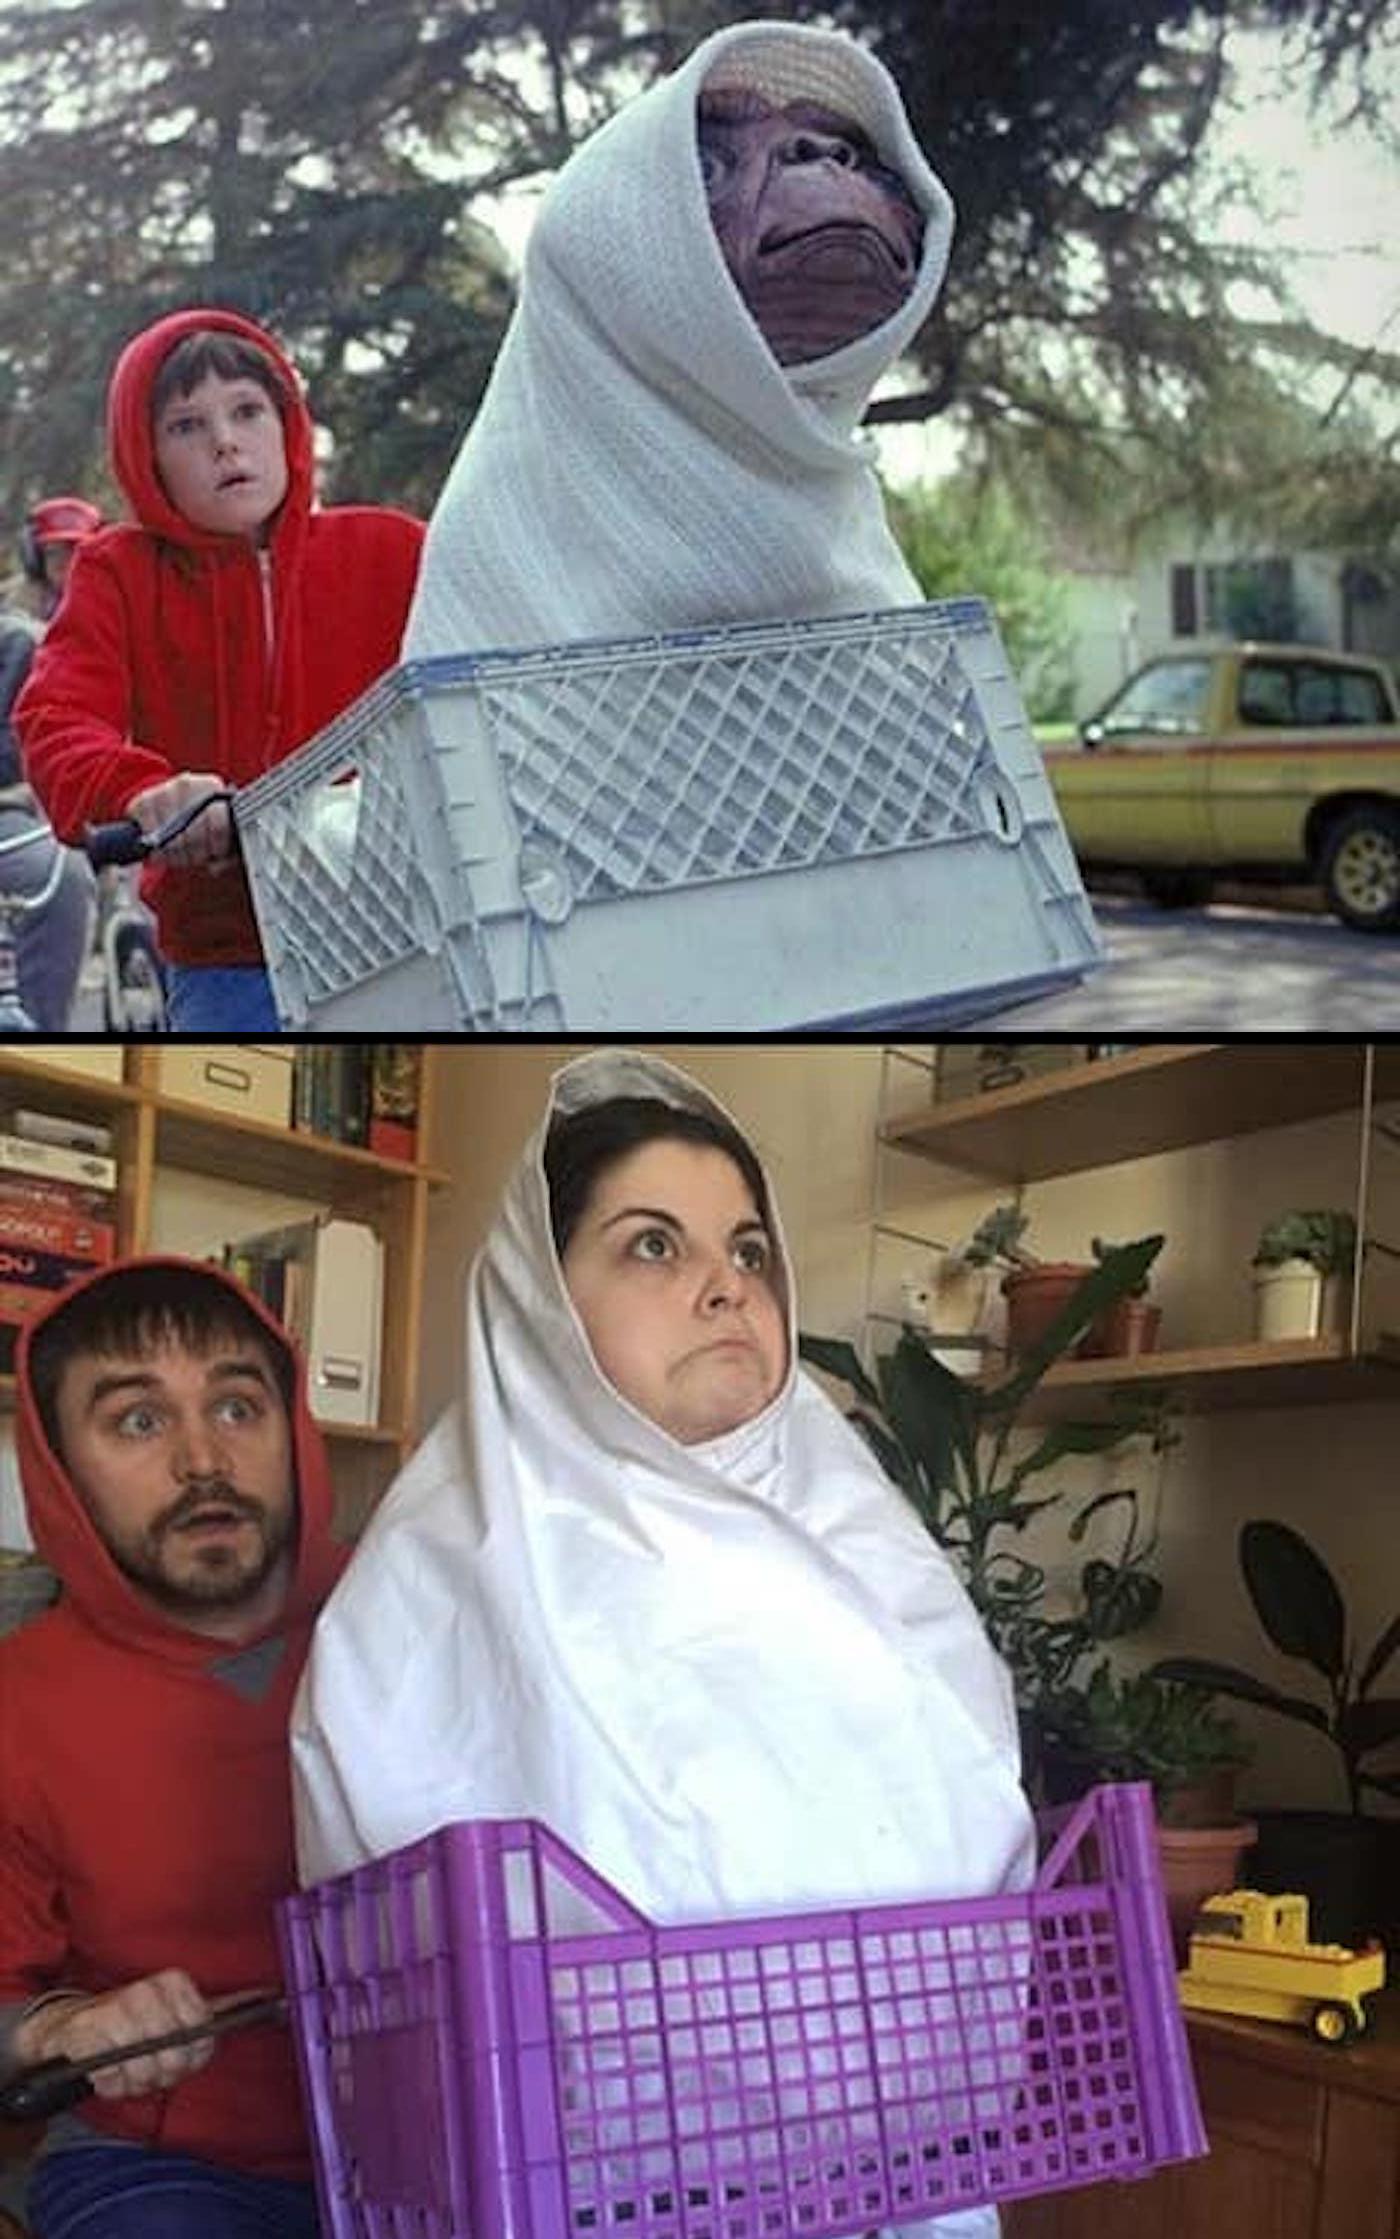 Détournement du film E.T., l'extra-terrestre